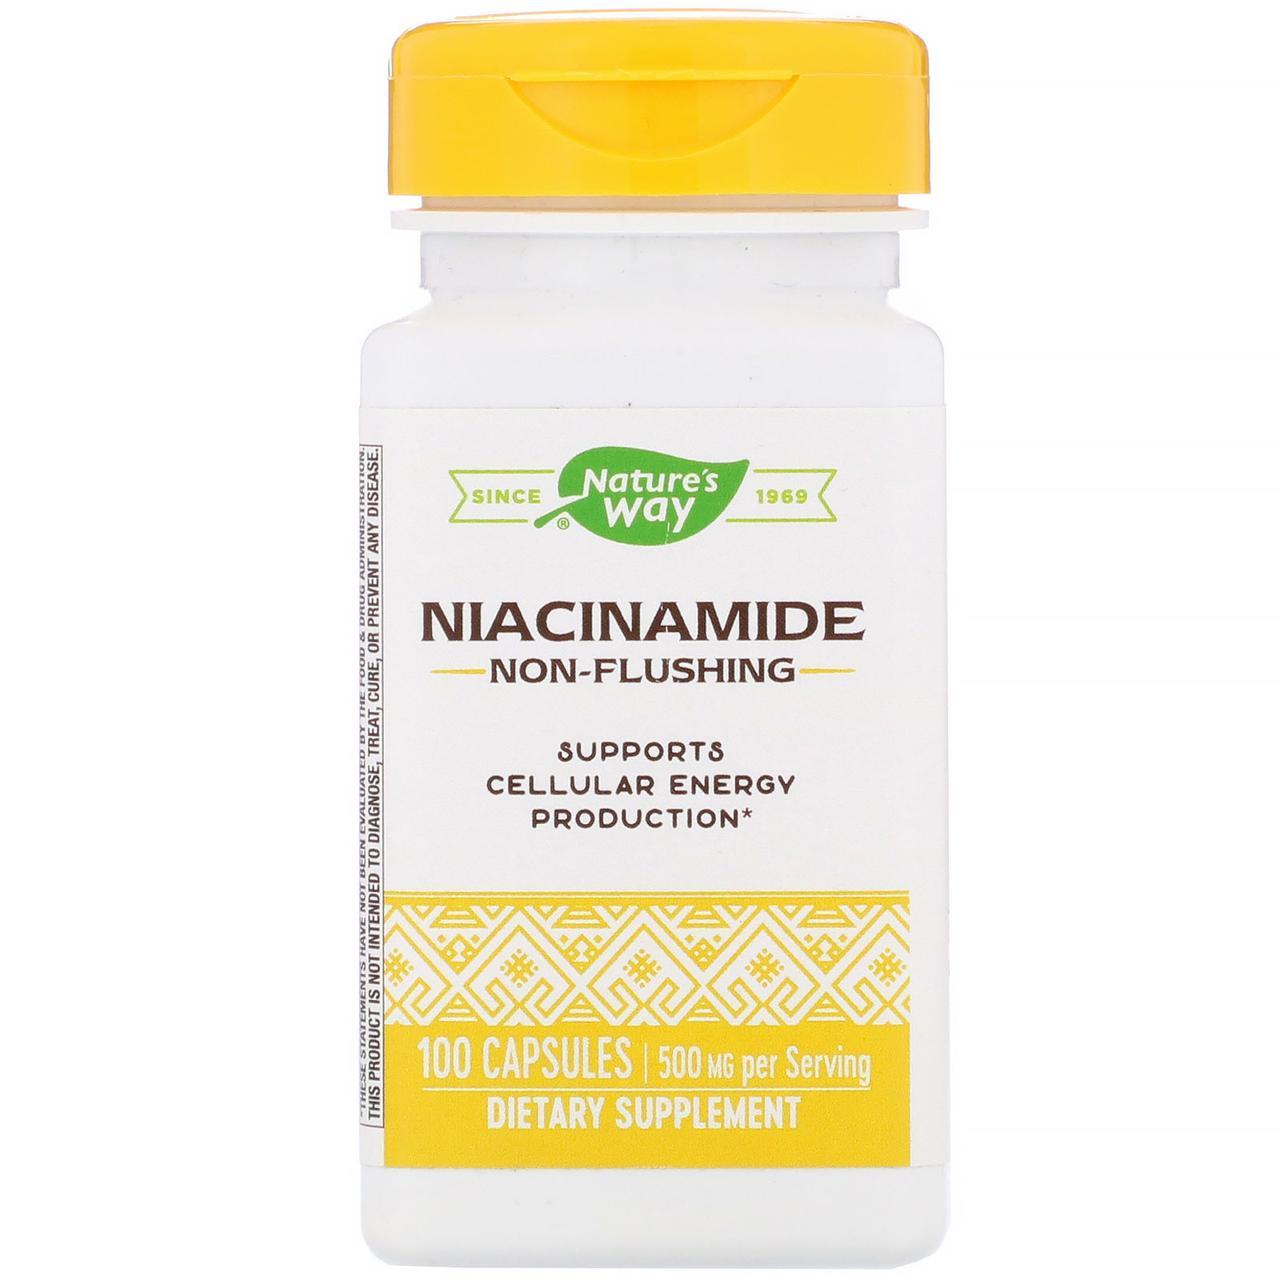 Никотинамид от Nature's Way, 500 мг, 100 капсул